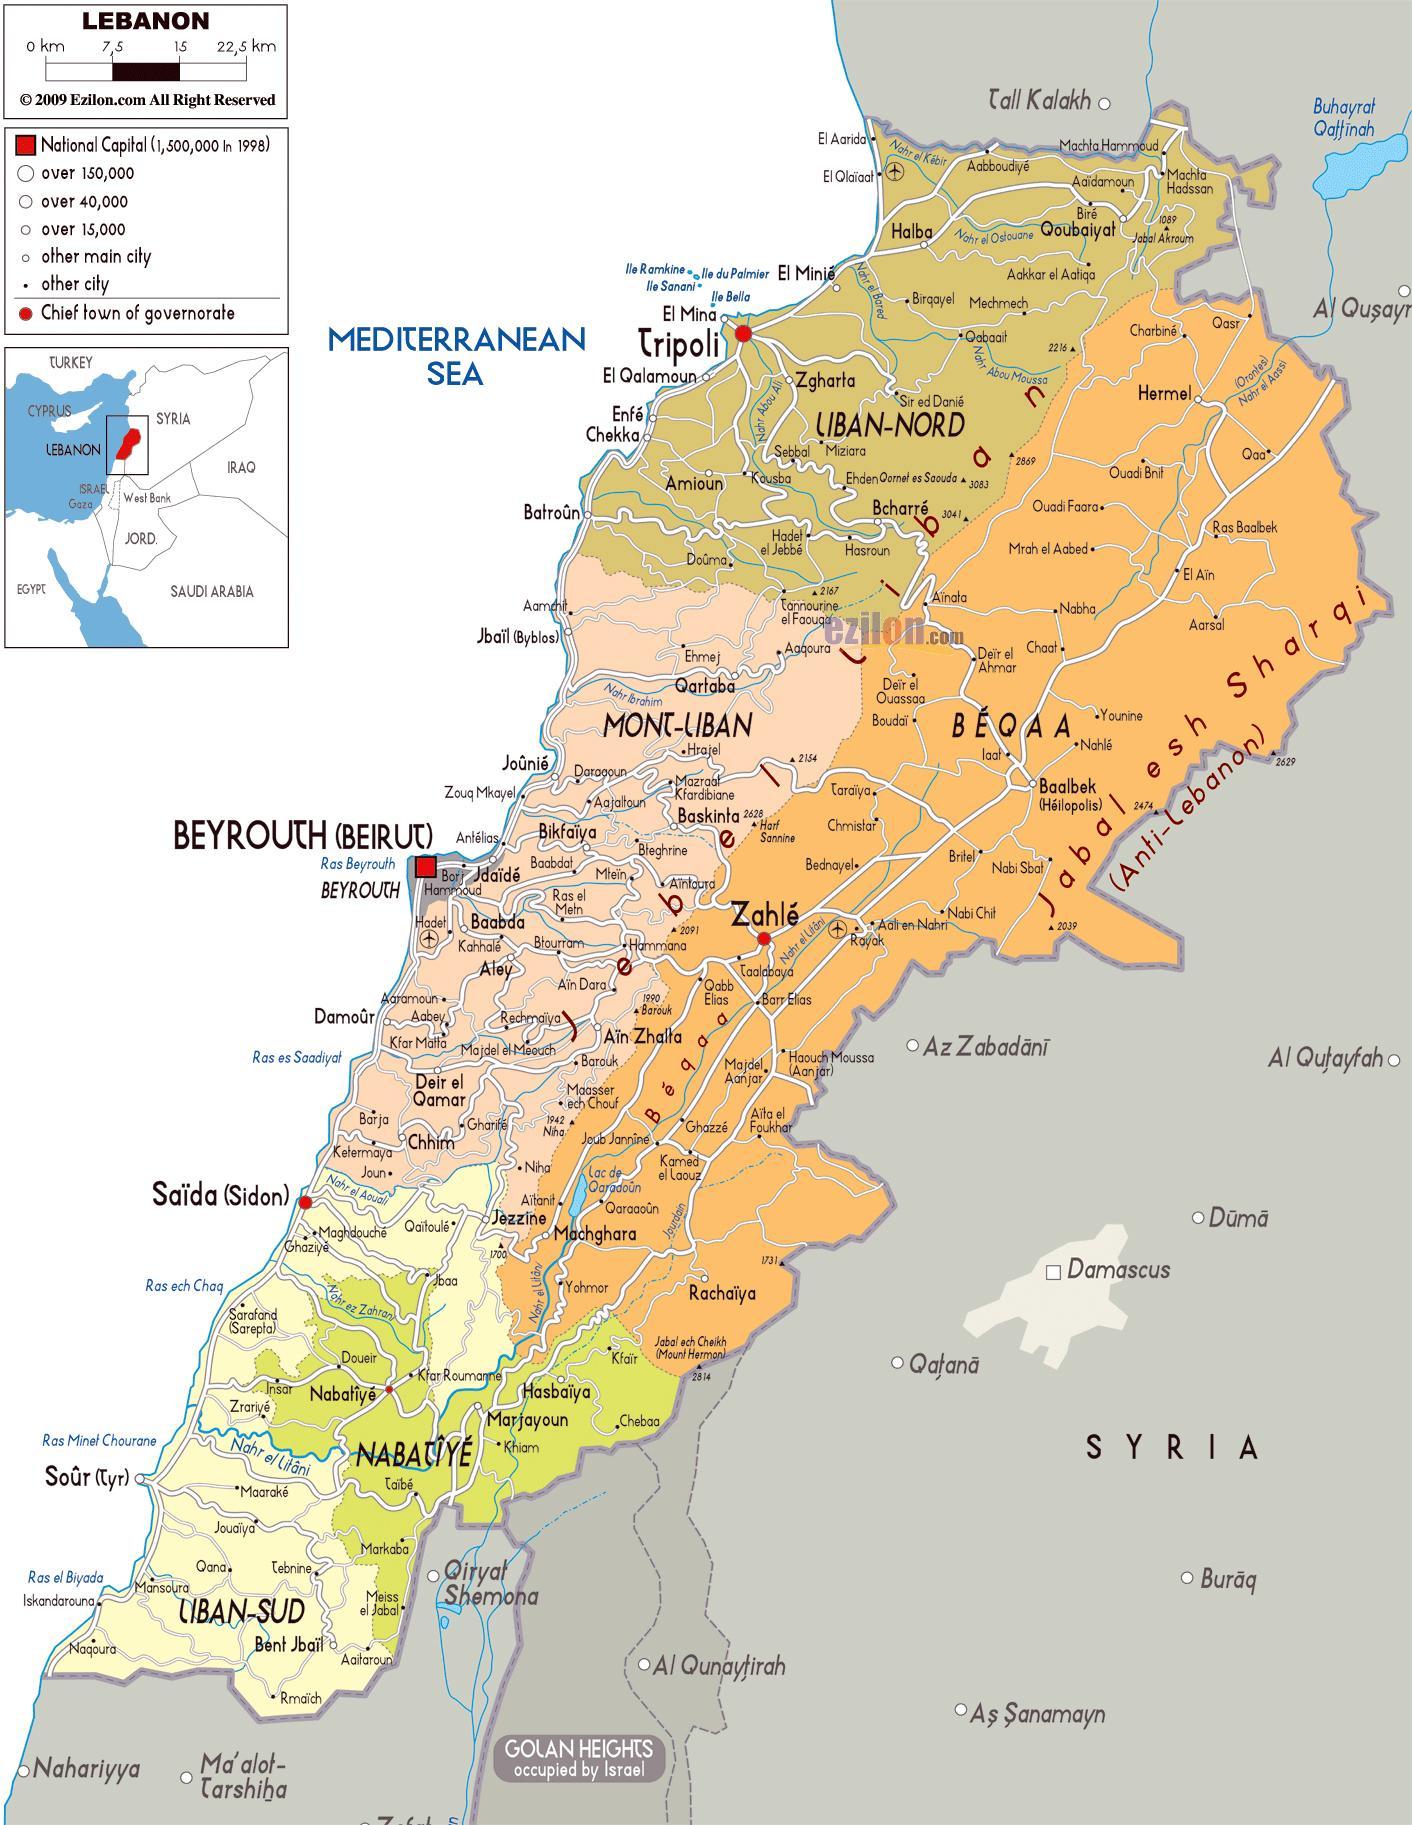 Karte Anzeigen.Libanon Städte Karte Detaillierte Karte Von Libanon West Asien